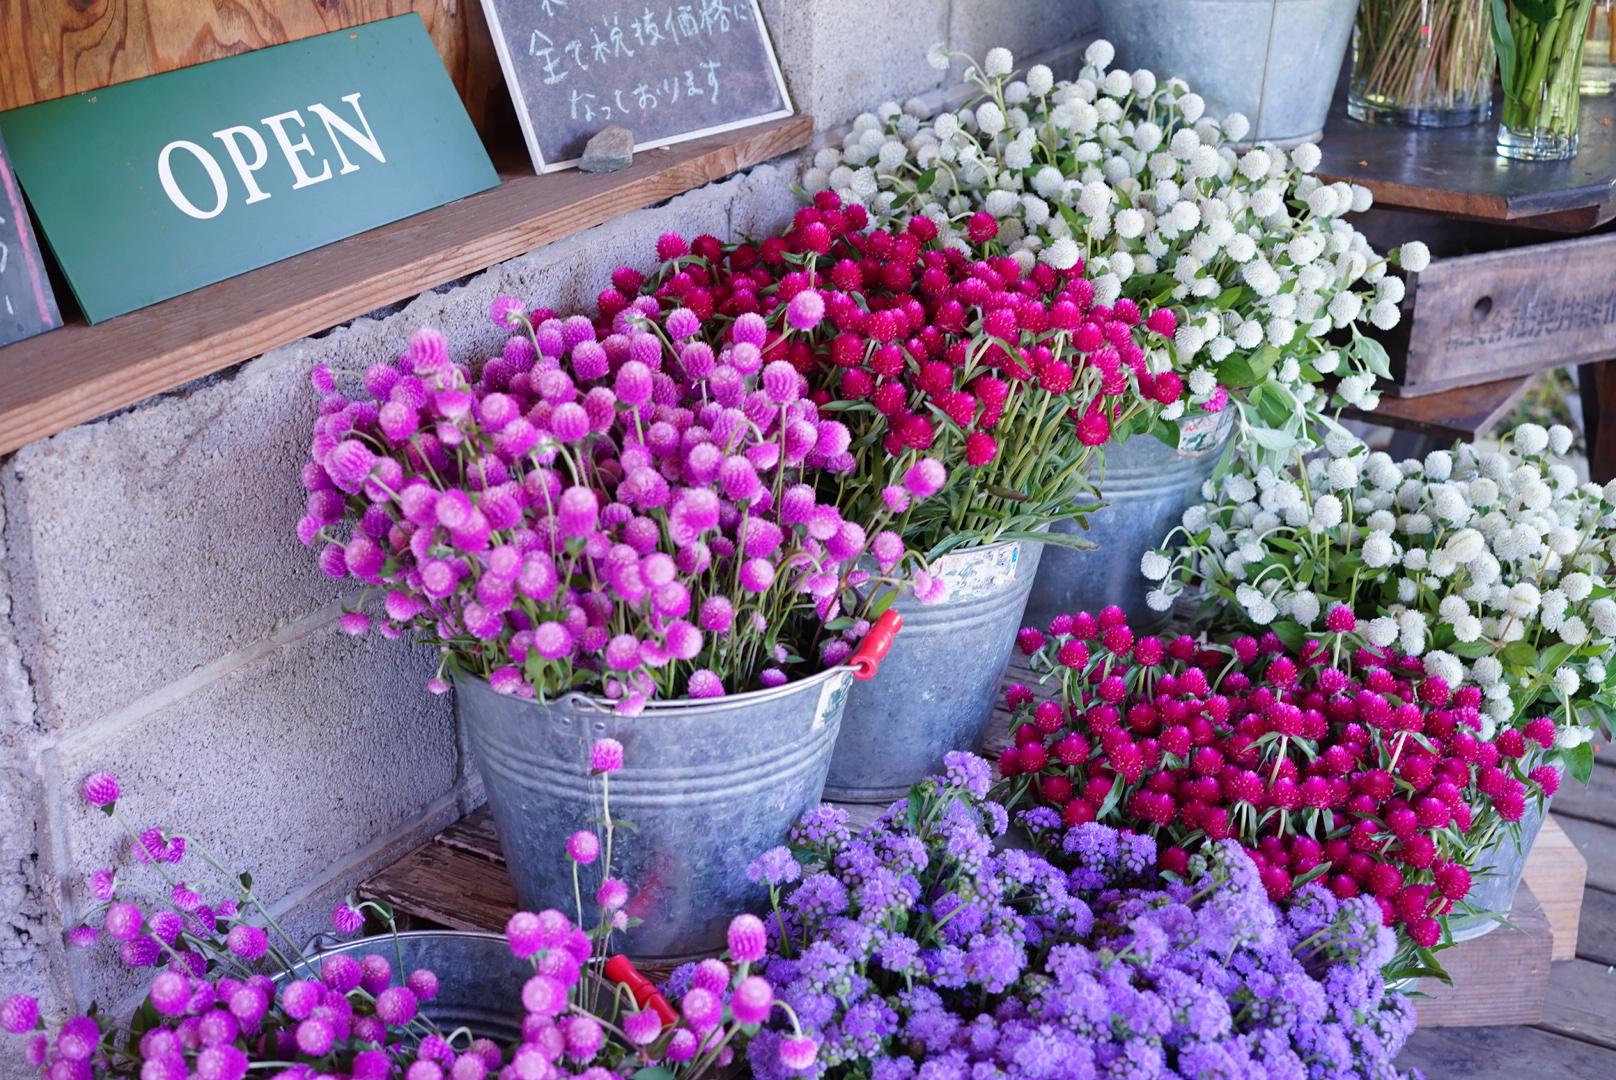 フラワーアーティスト・前田有紀が山梨、長野出張で見つけたおすすめ店。業界では有名な花屋も!